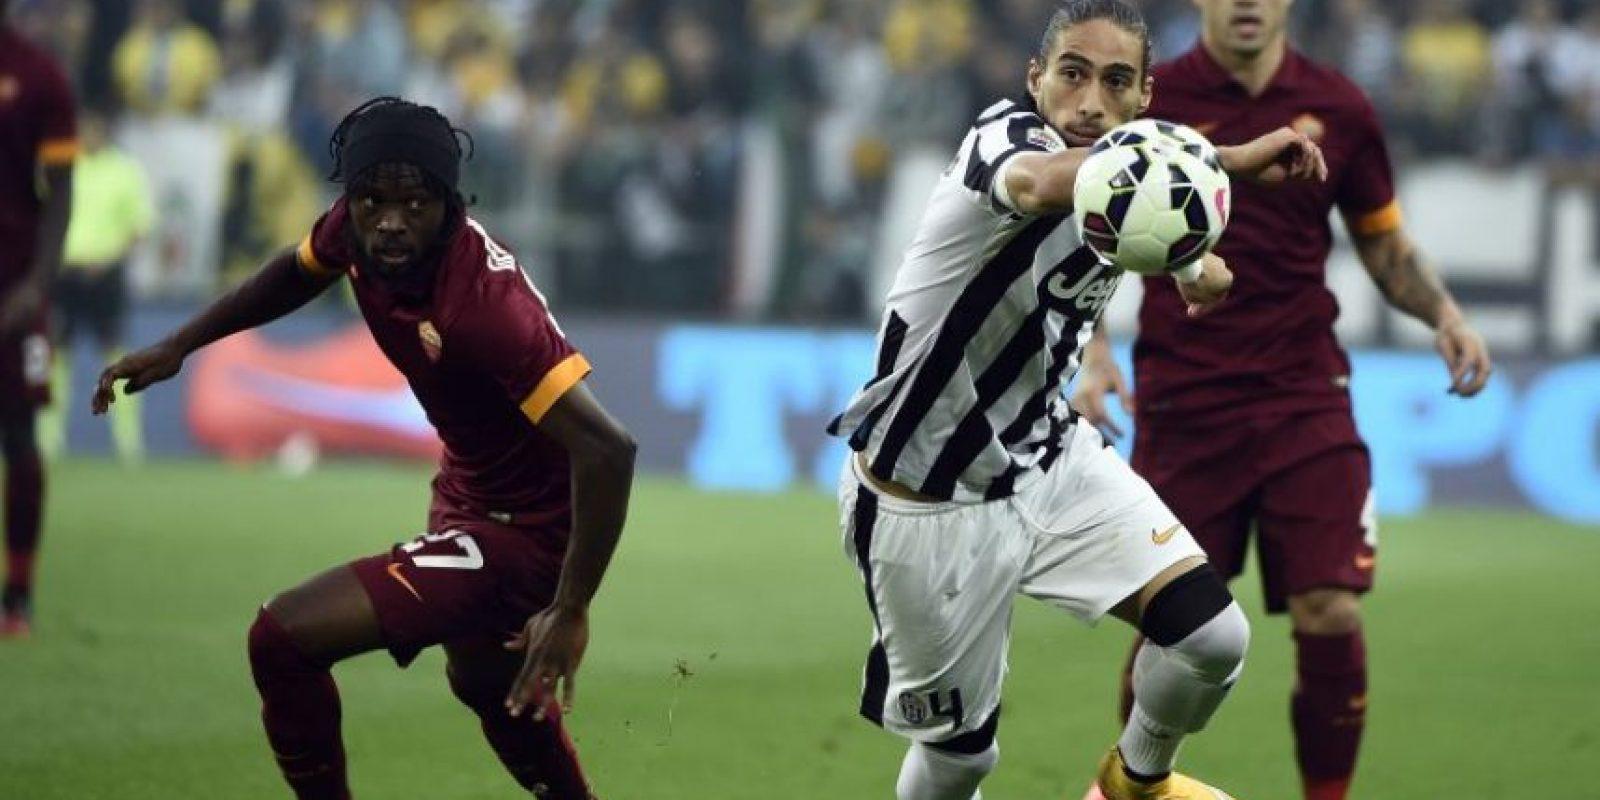 Martín Cáceres: Las lesiones le han pasado la cuenta en el último tiempo y perdió su lugar en la Juventus, donde no renovó contrato. El charrúa, habitual de su selección, ahora busca club Foto:AFP